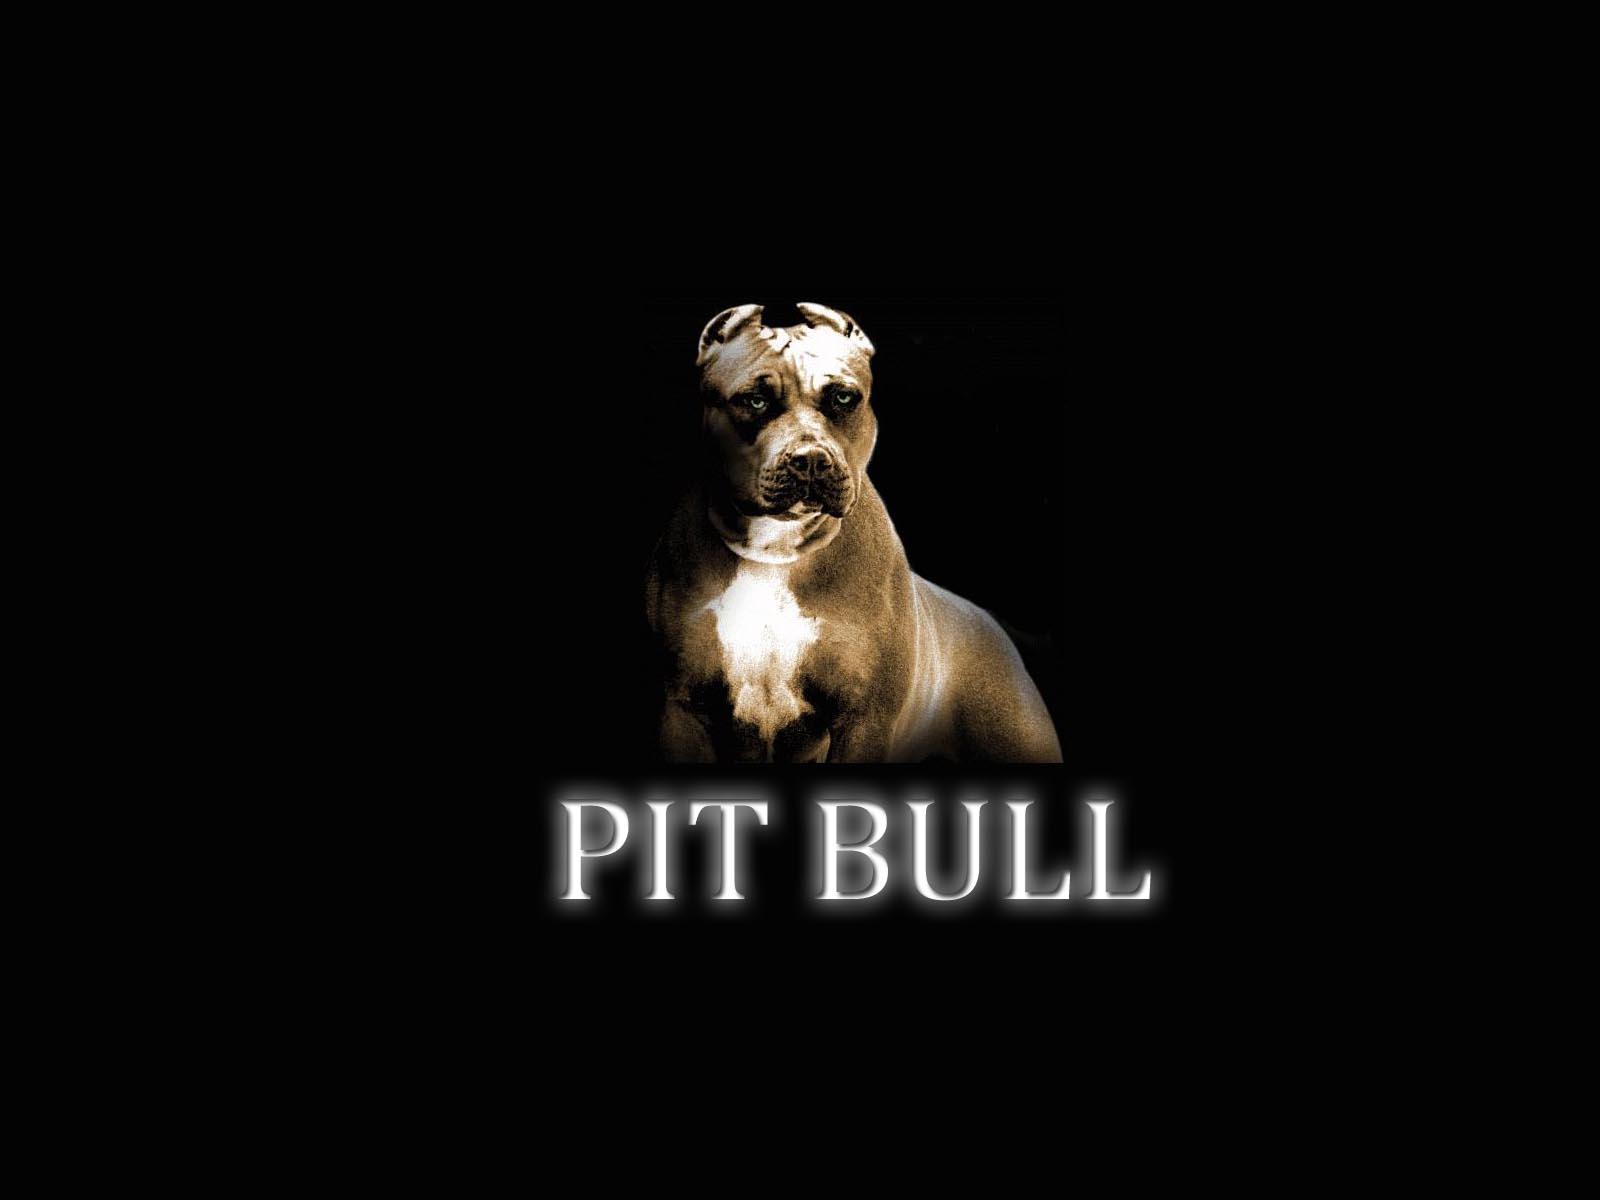 http://2.bp.blogspot.com/--abWv1HiCPY/UEhQOubnabI/AAAAAAAAABQ/ZtTuw5SheTc/s1600/pit_bull_wallpaper.jpg